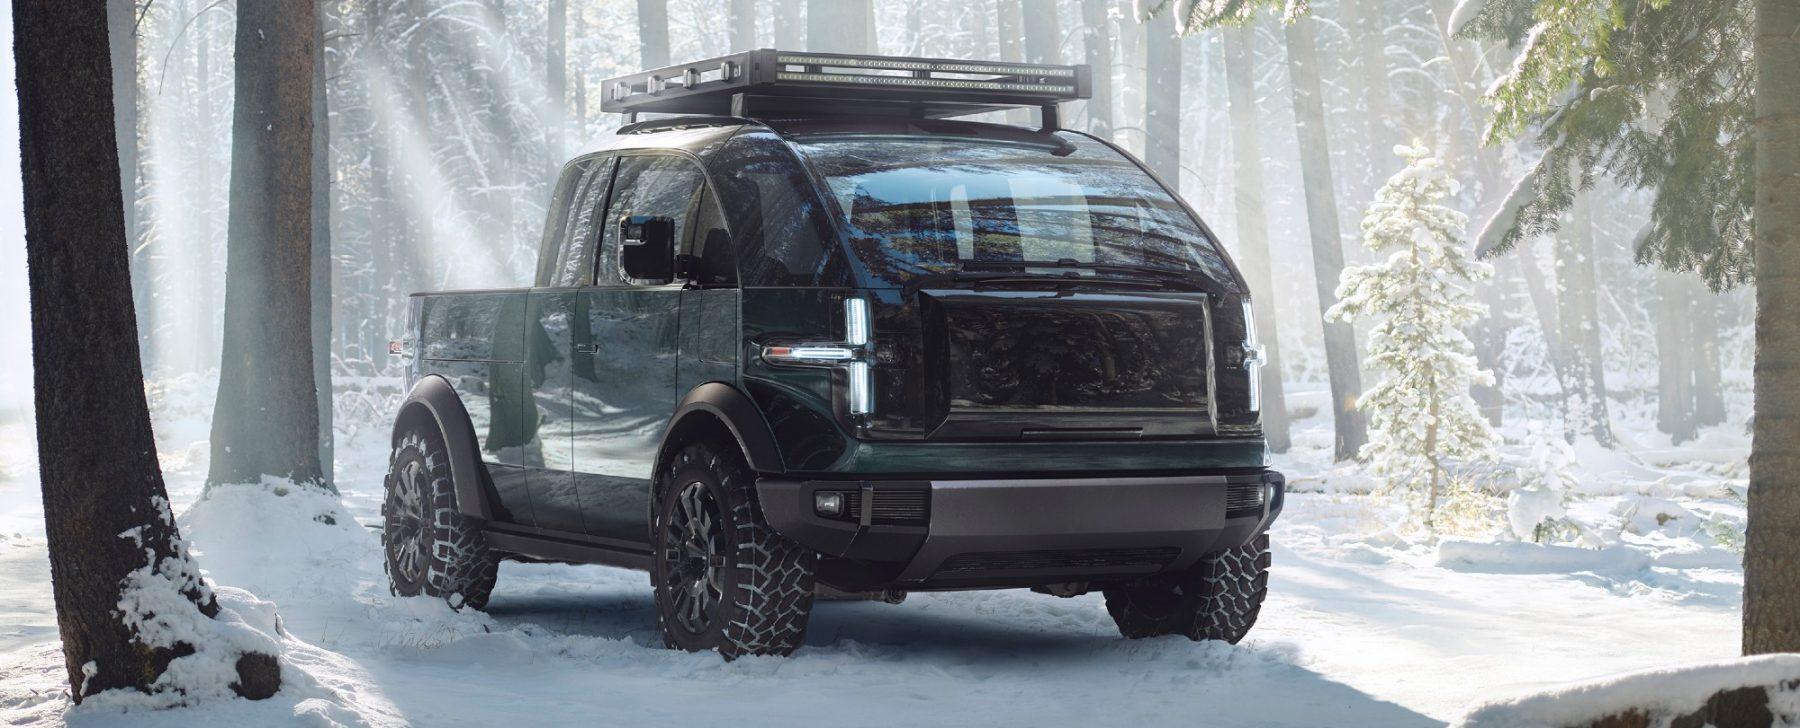 Canoo Pick-up Truck